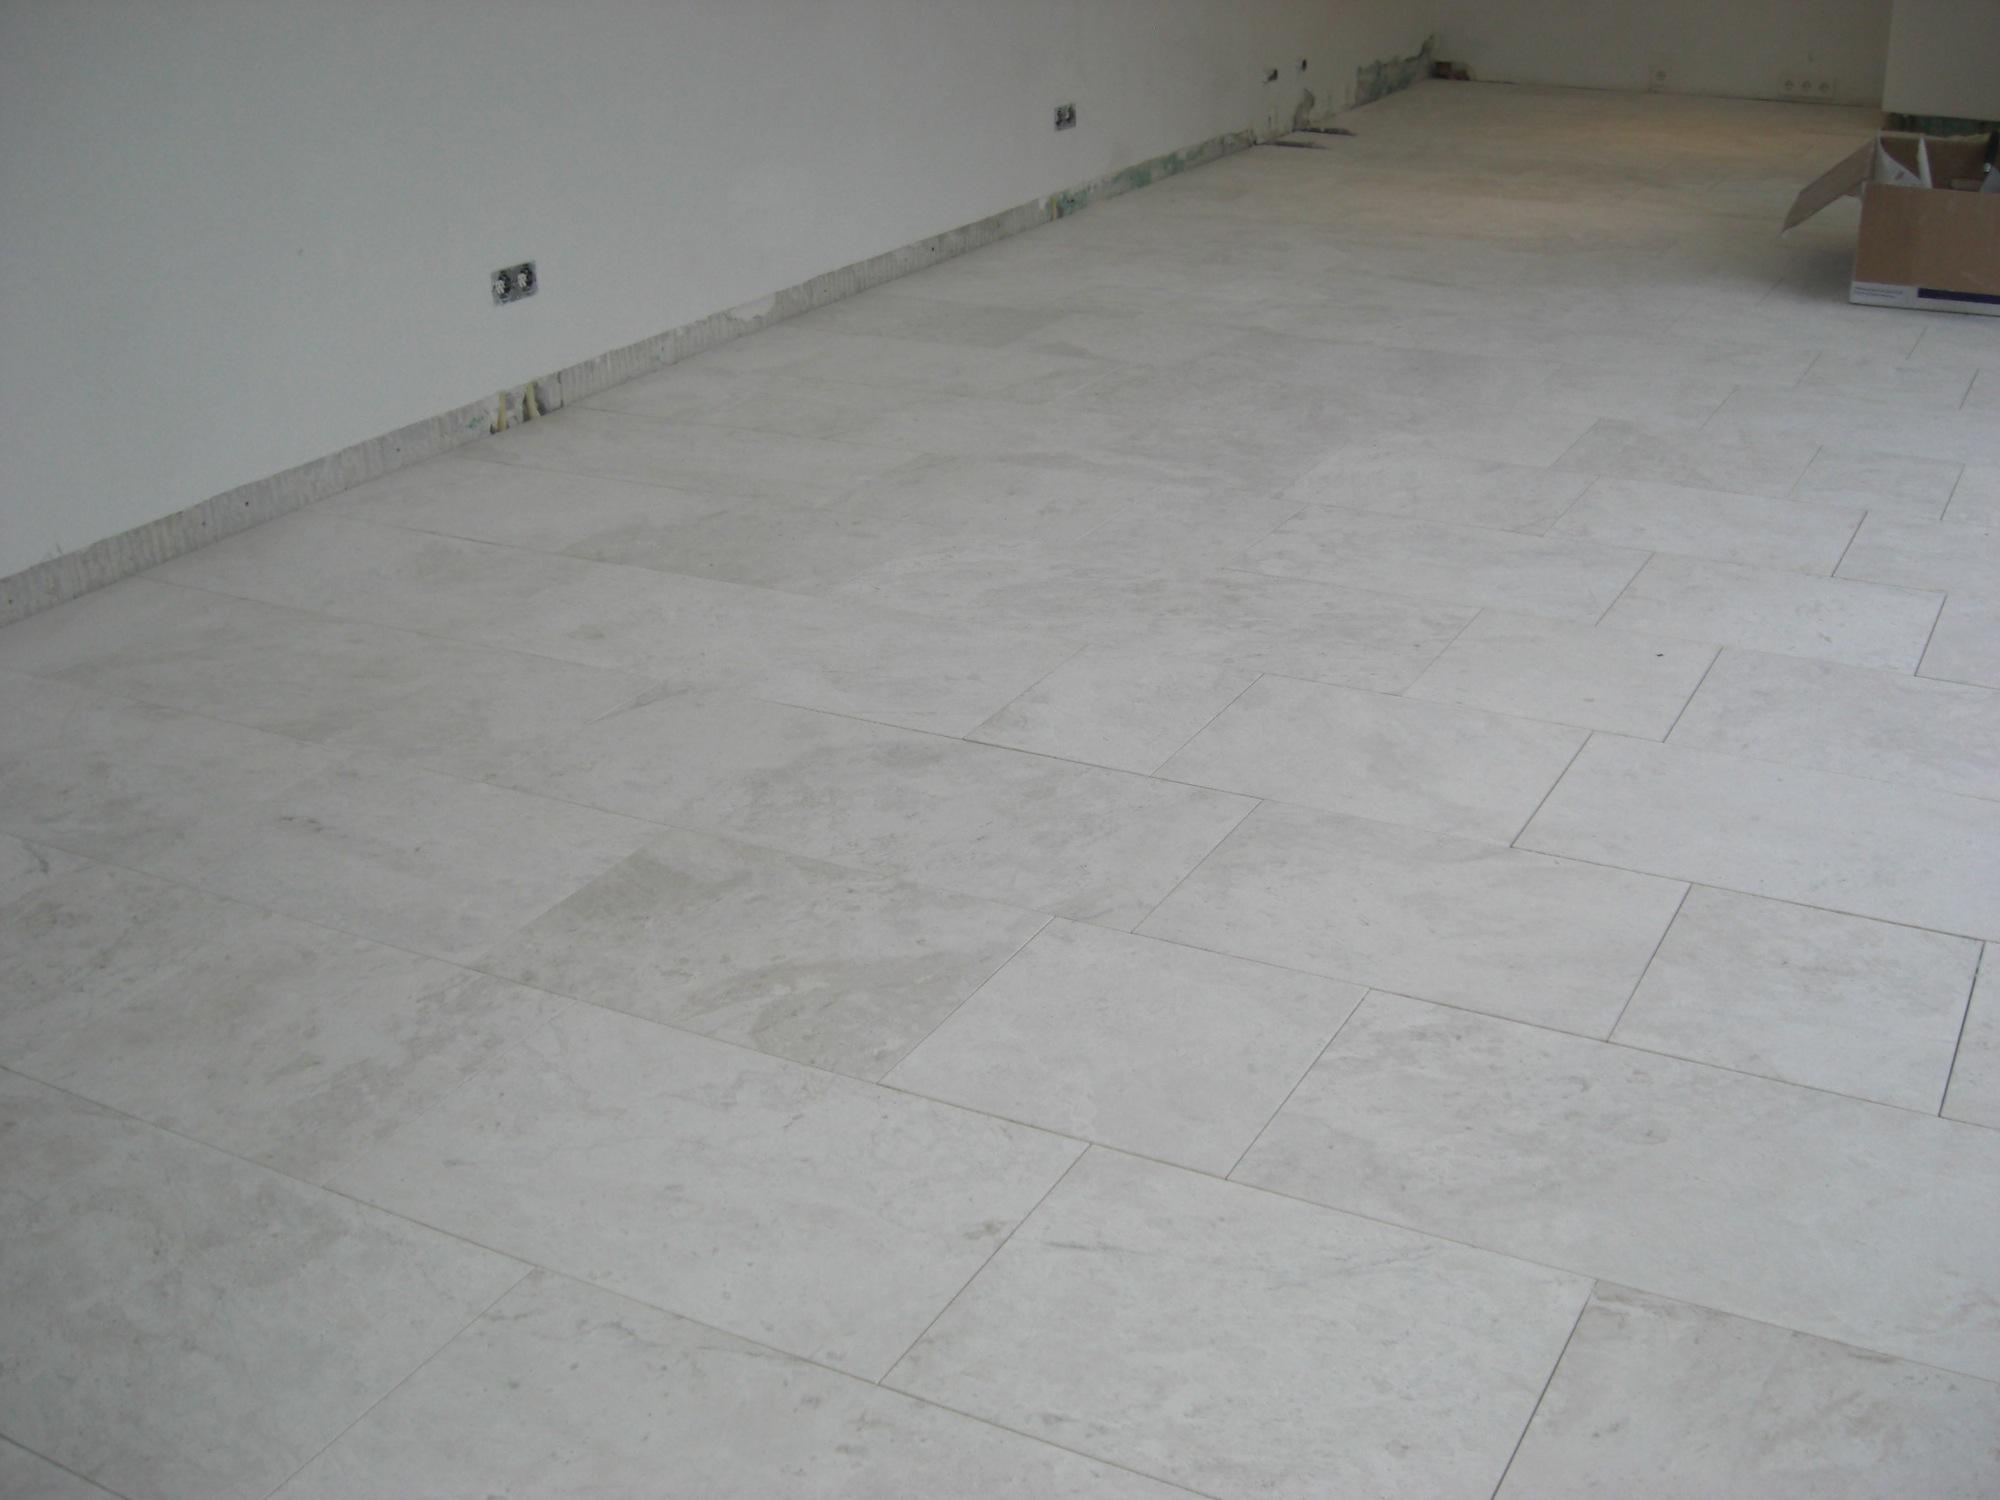 Project vanilla cream aphrodite marble centre natuurstenen vloer leverancier marmer graniet - Marmeren vloeren ...